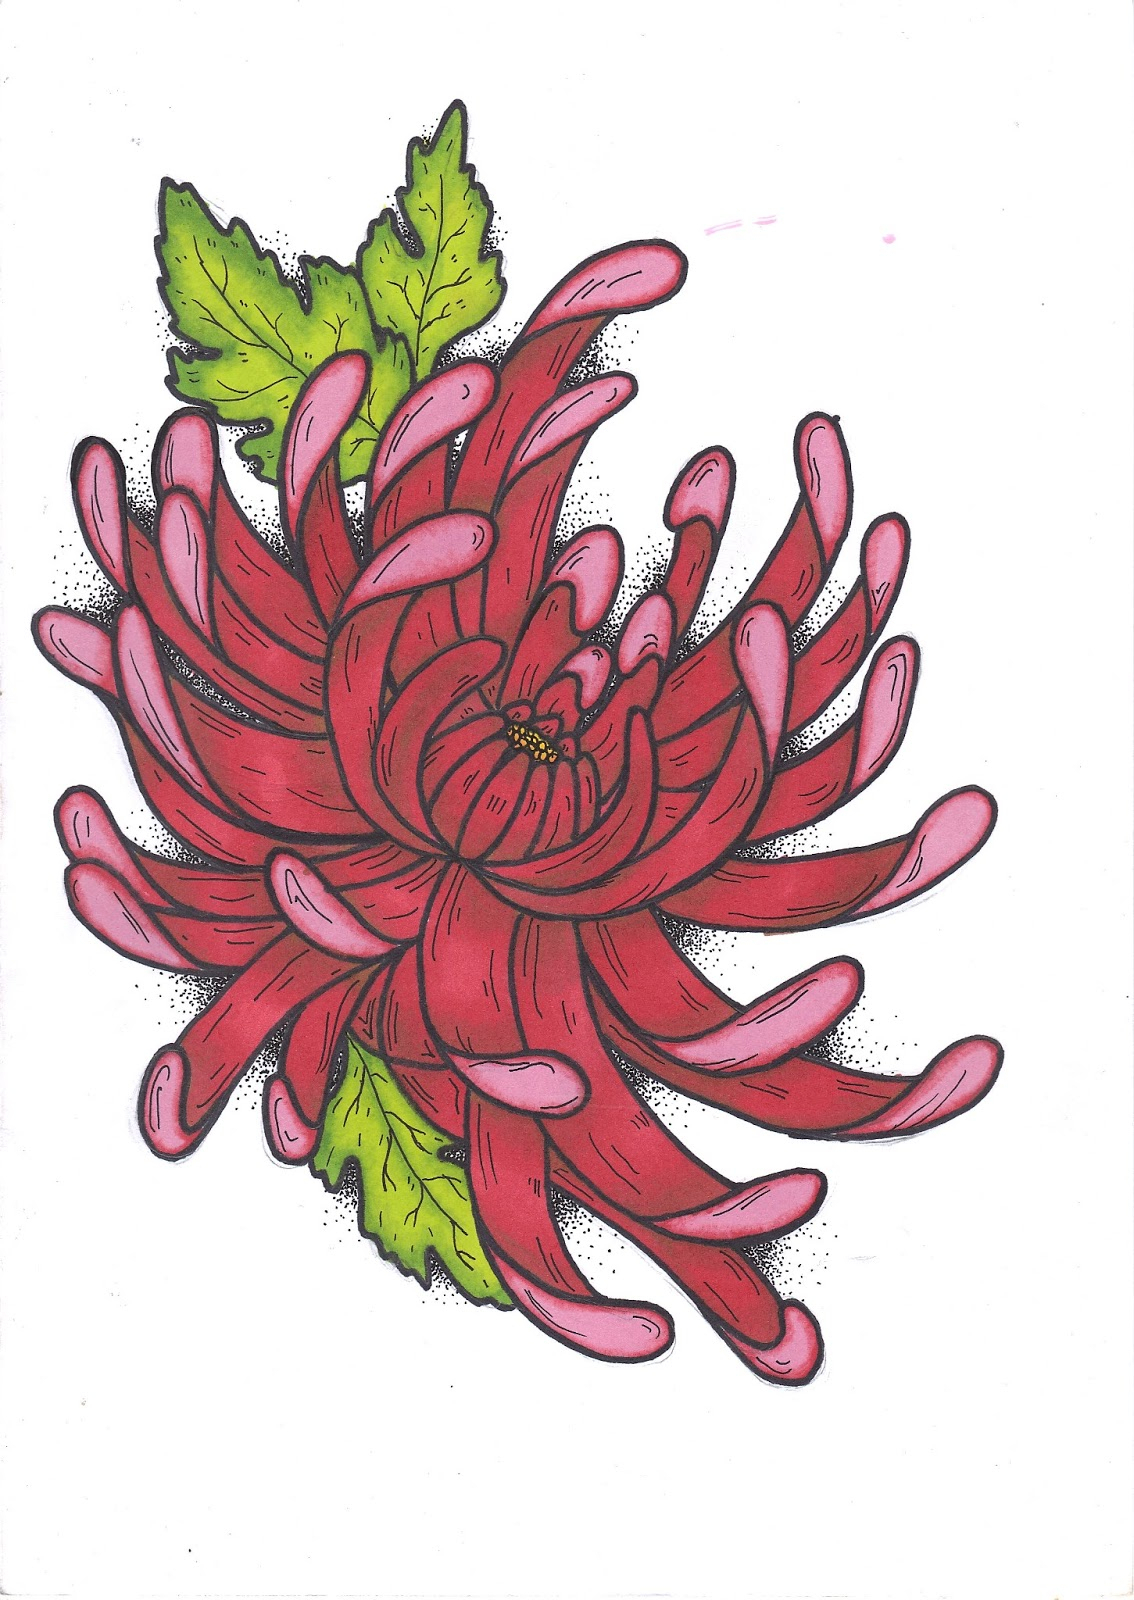 1134x1600 Japanese Flowers Drawings Drawings Of Japanese Flowers